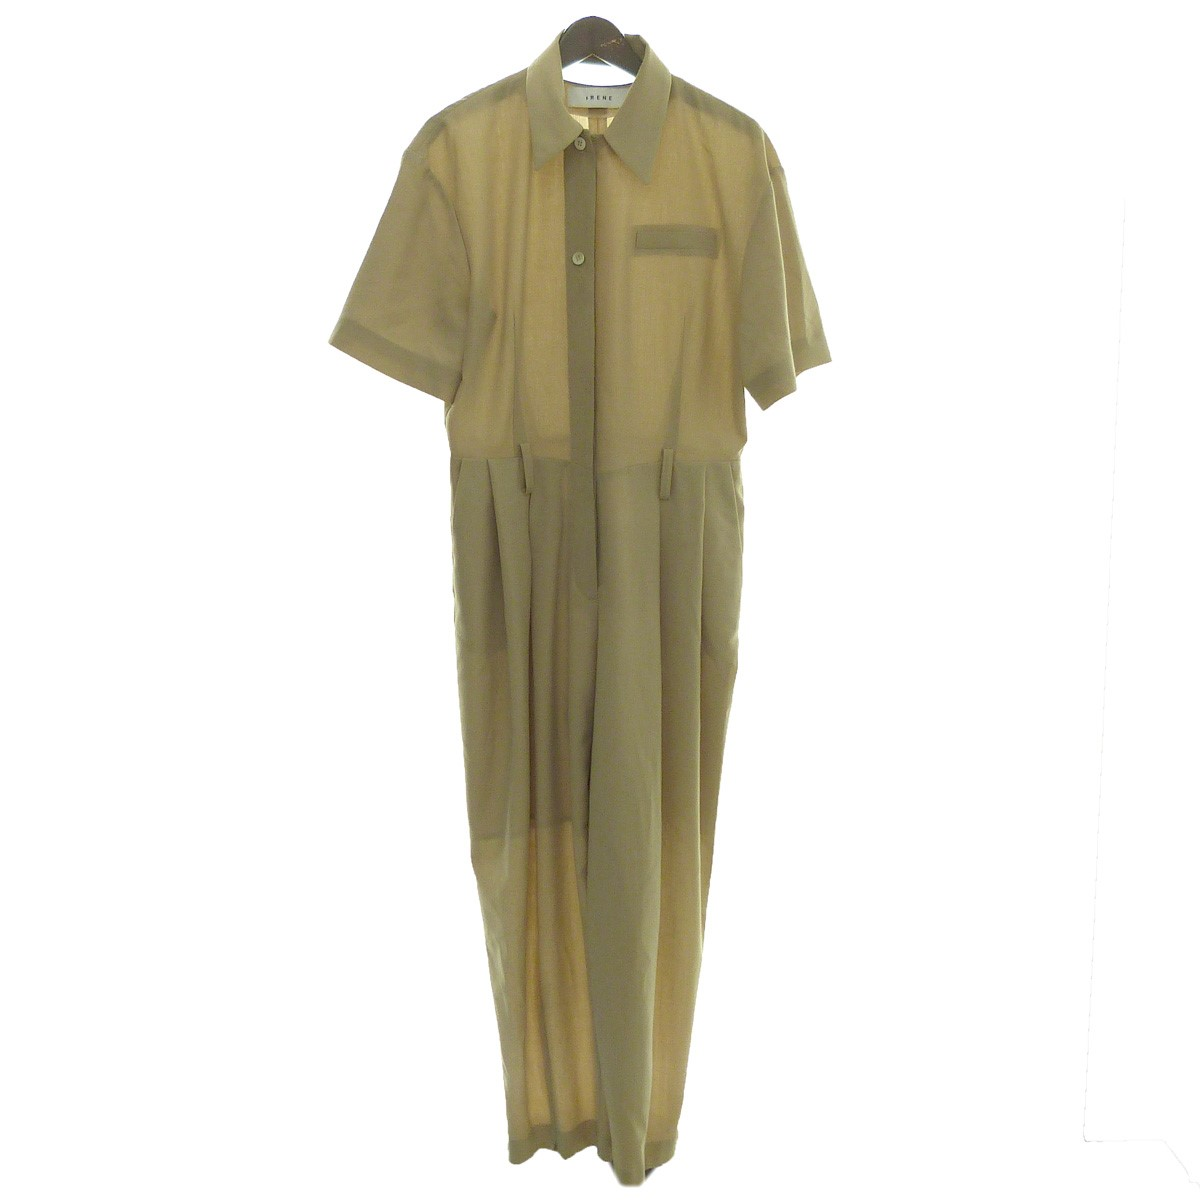 【中古】IRENE19SS「Summer Jump Suit-52」オールインワン ベージュ サイズ:36